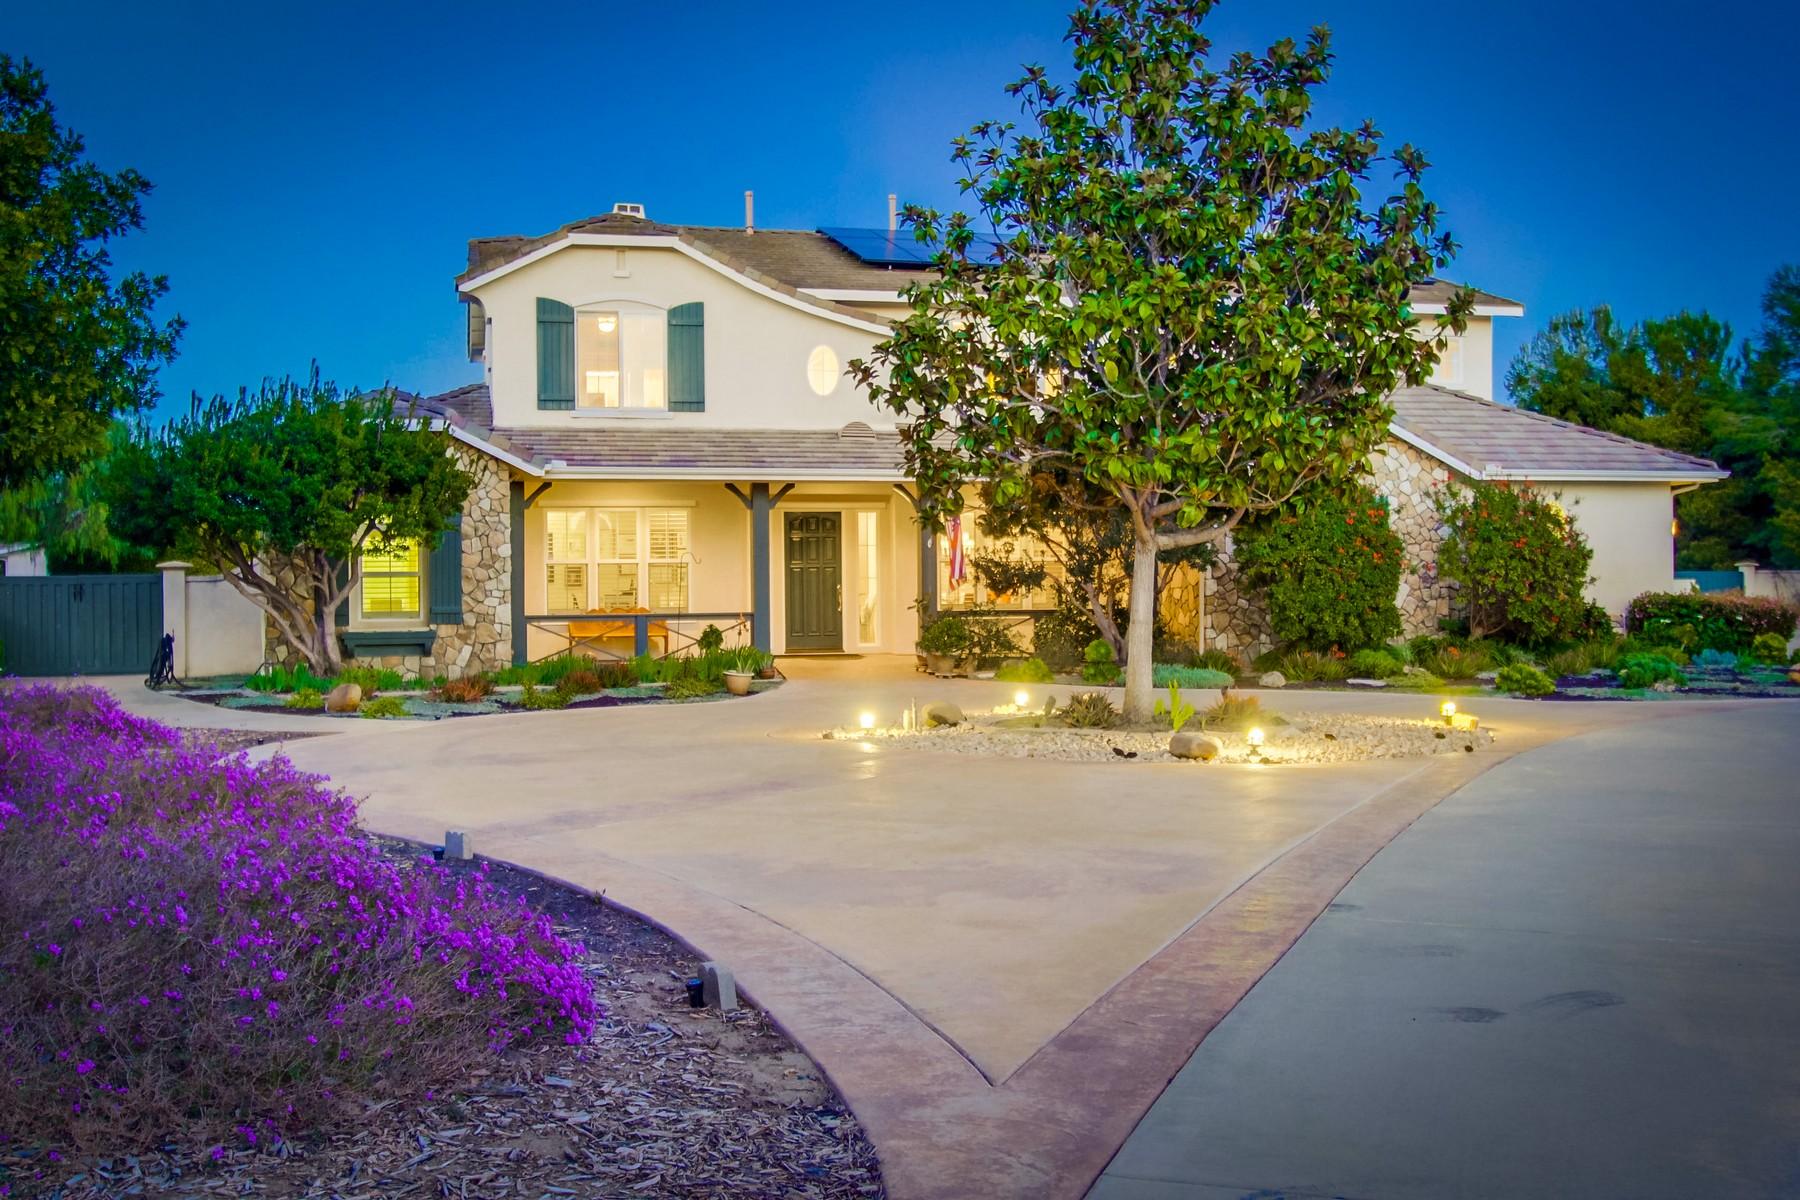 Maison unifamiliale pour l Vente à 3828 Wendi Court Fallbrook, Californie 92028 États-Unis